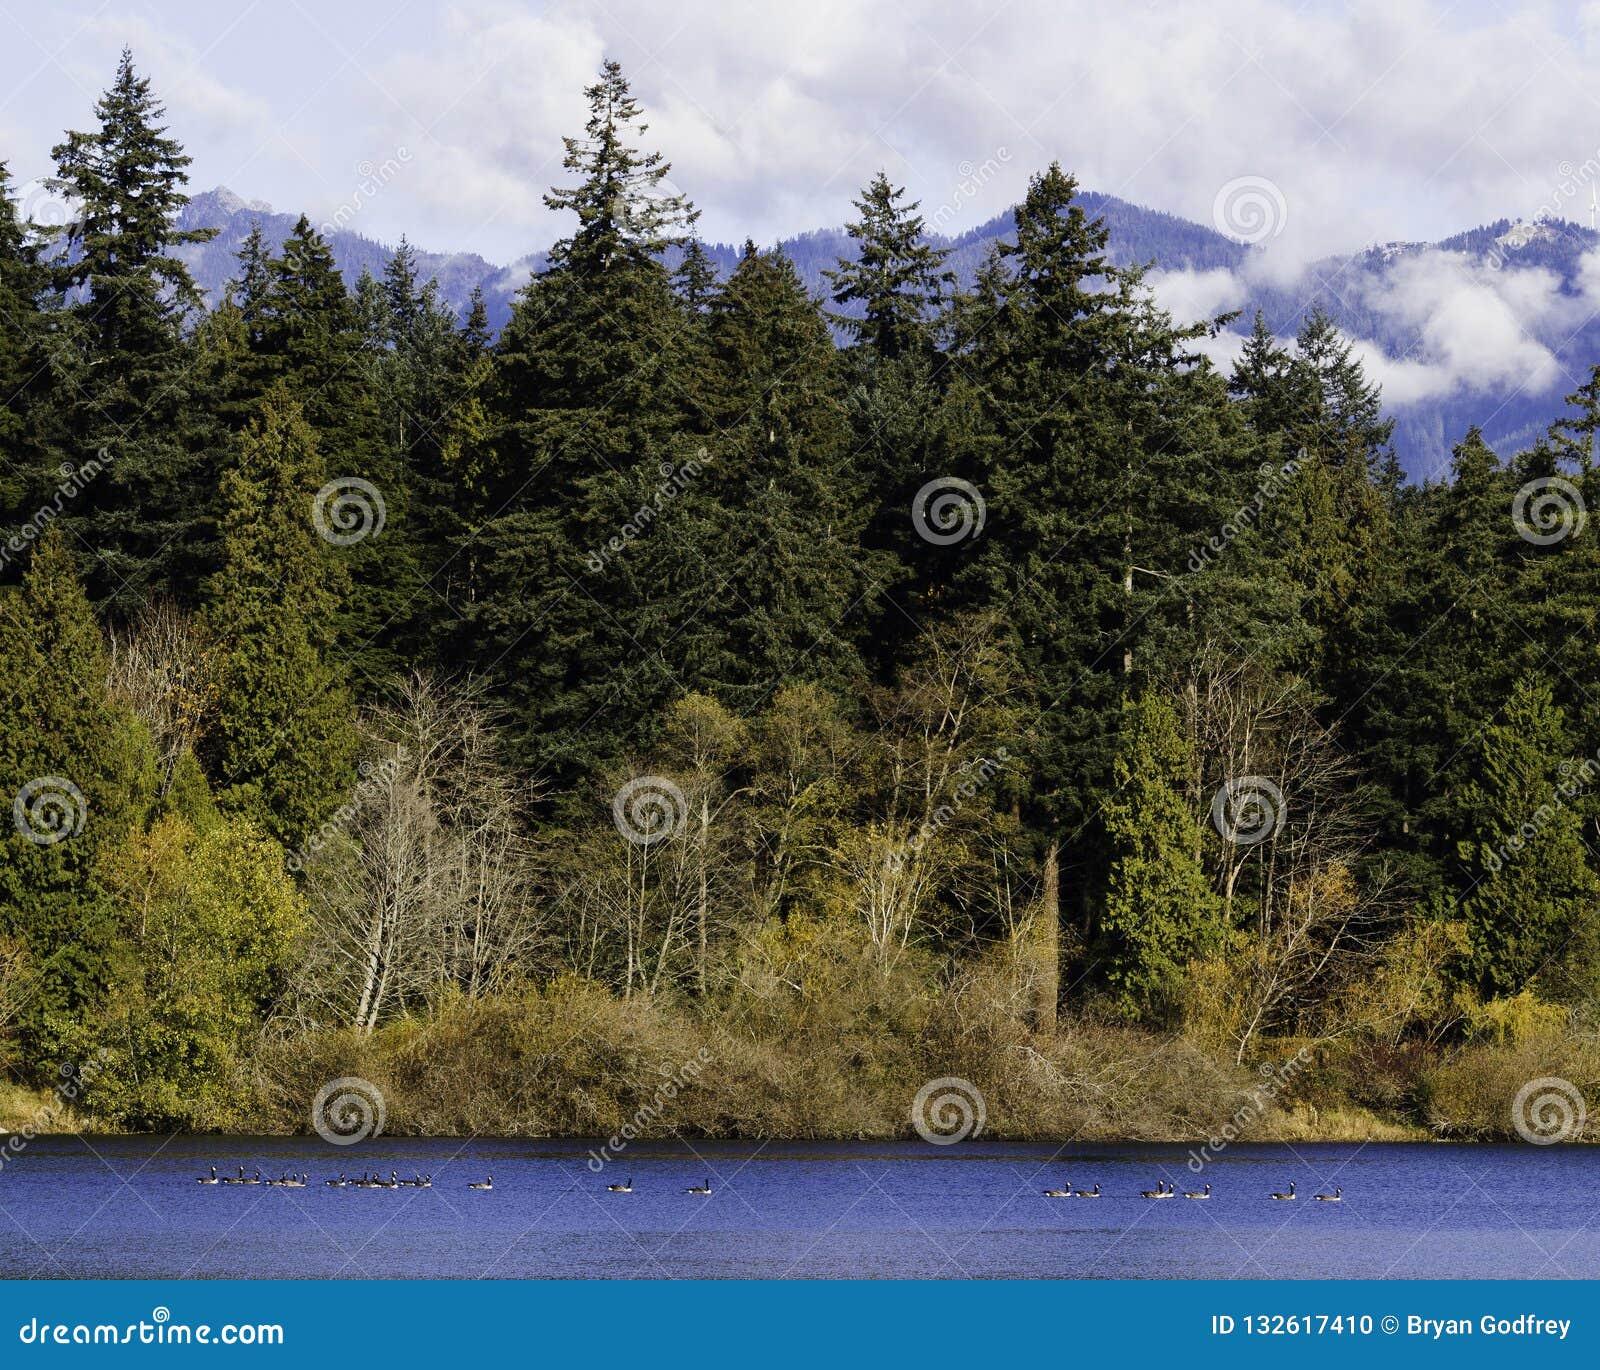 Canadese ganzen op een vijver met bos en berg op de achtergrond